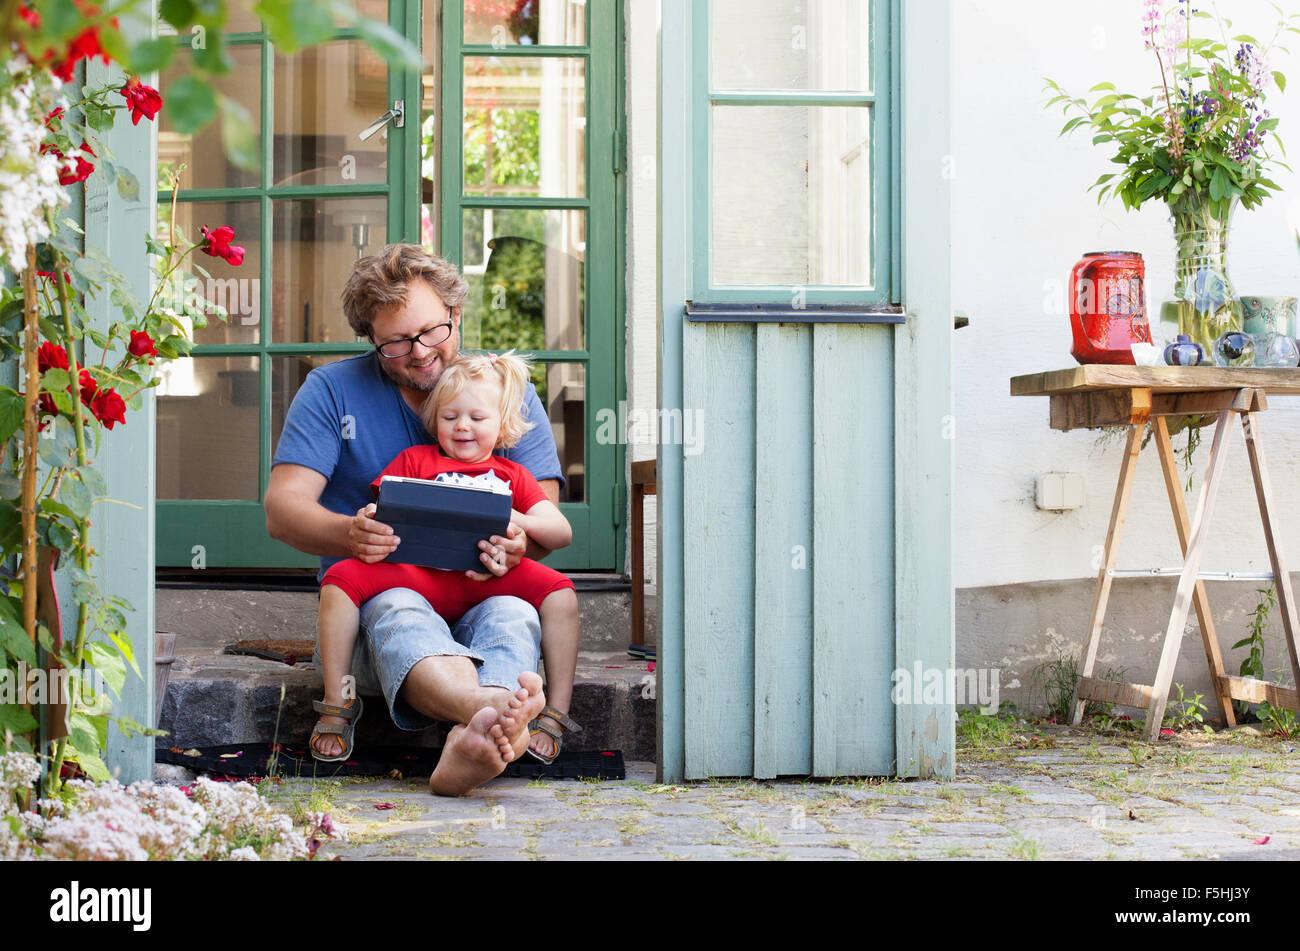 La Suède, Skane, Mossby, fille avec le père assis sur l'étape de pierre et holding tablet pc Photo Stock